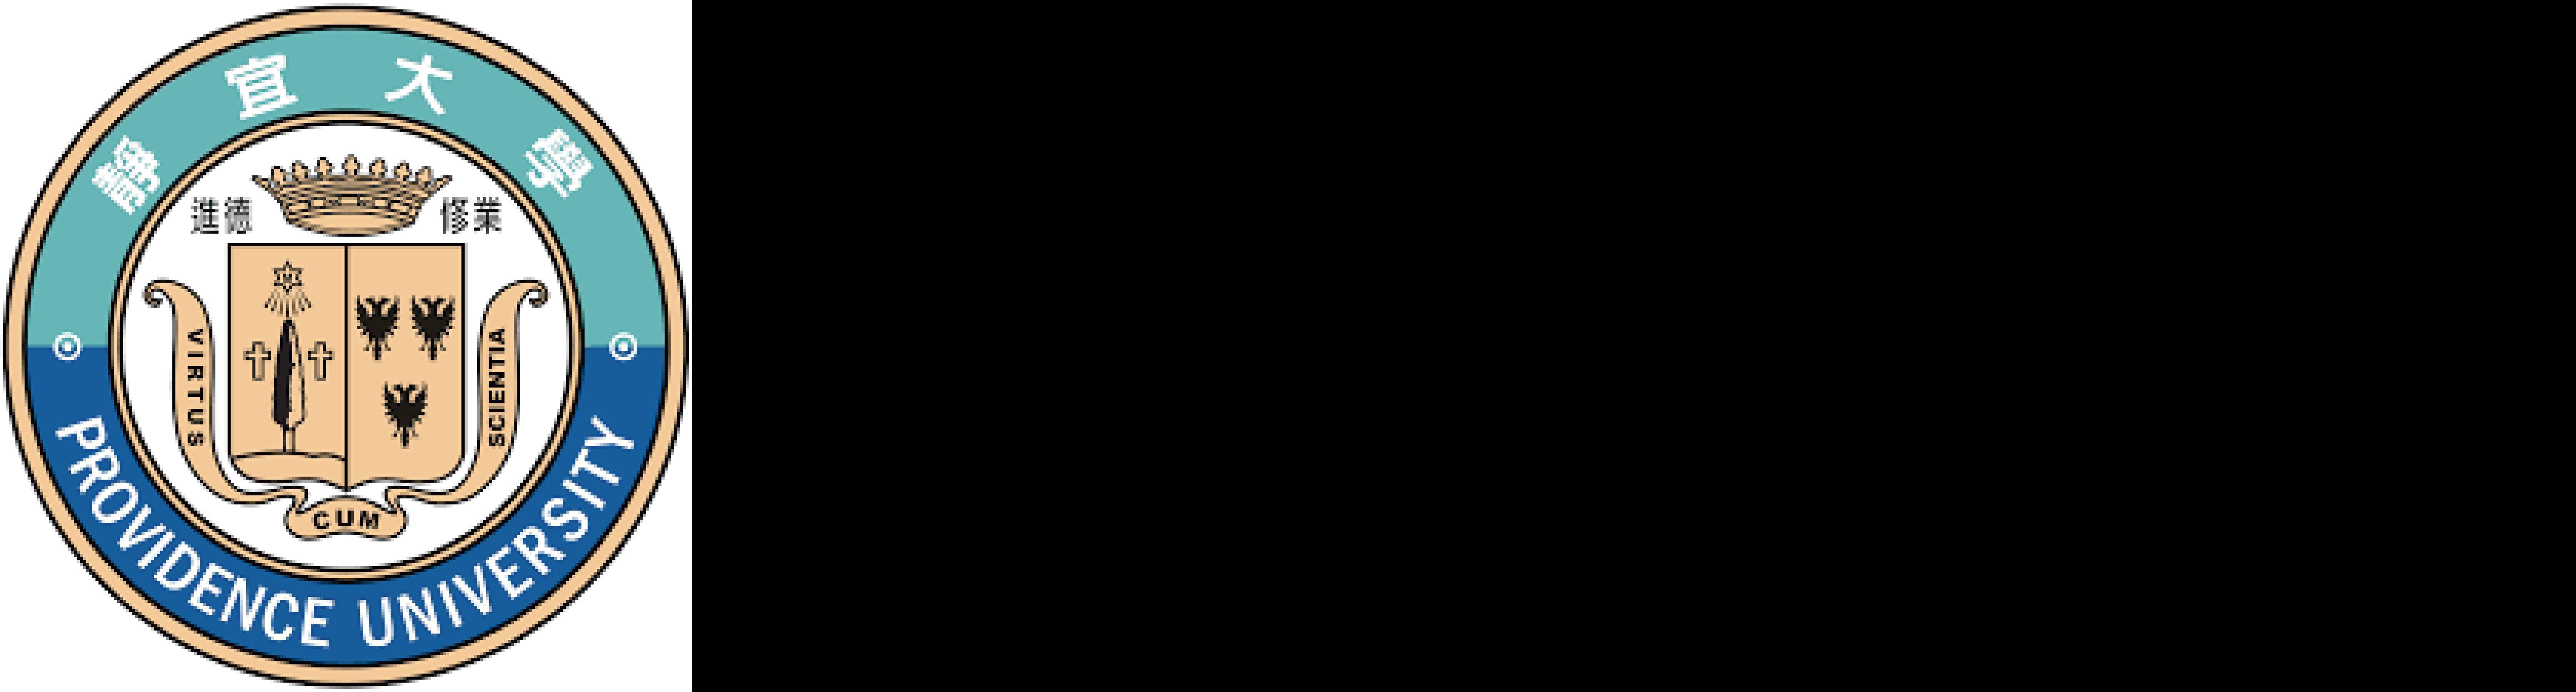 靜宜大學國際企業學系LOGO